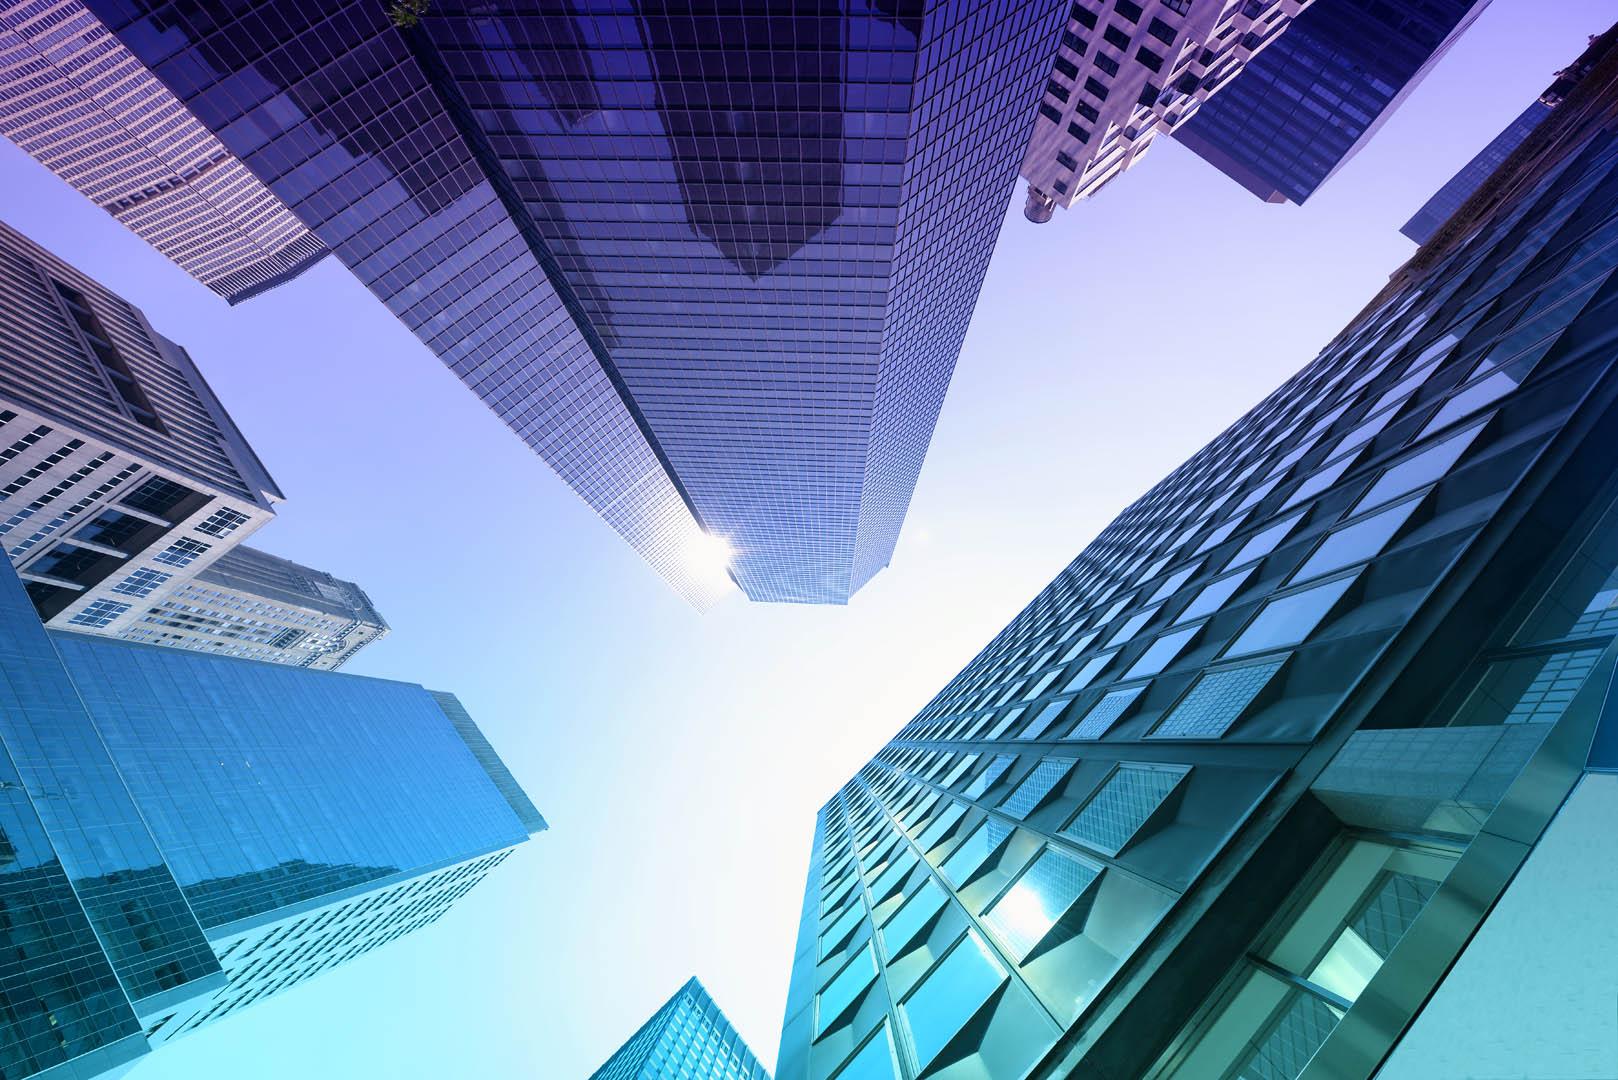 インドステイト銀行(カリフォルニア)がSurecompを導入し、貿易金融の成長をサポート